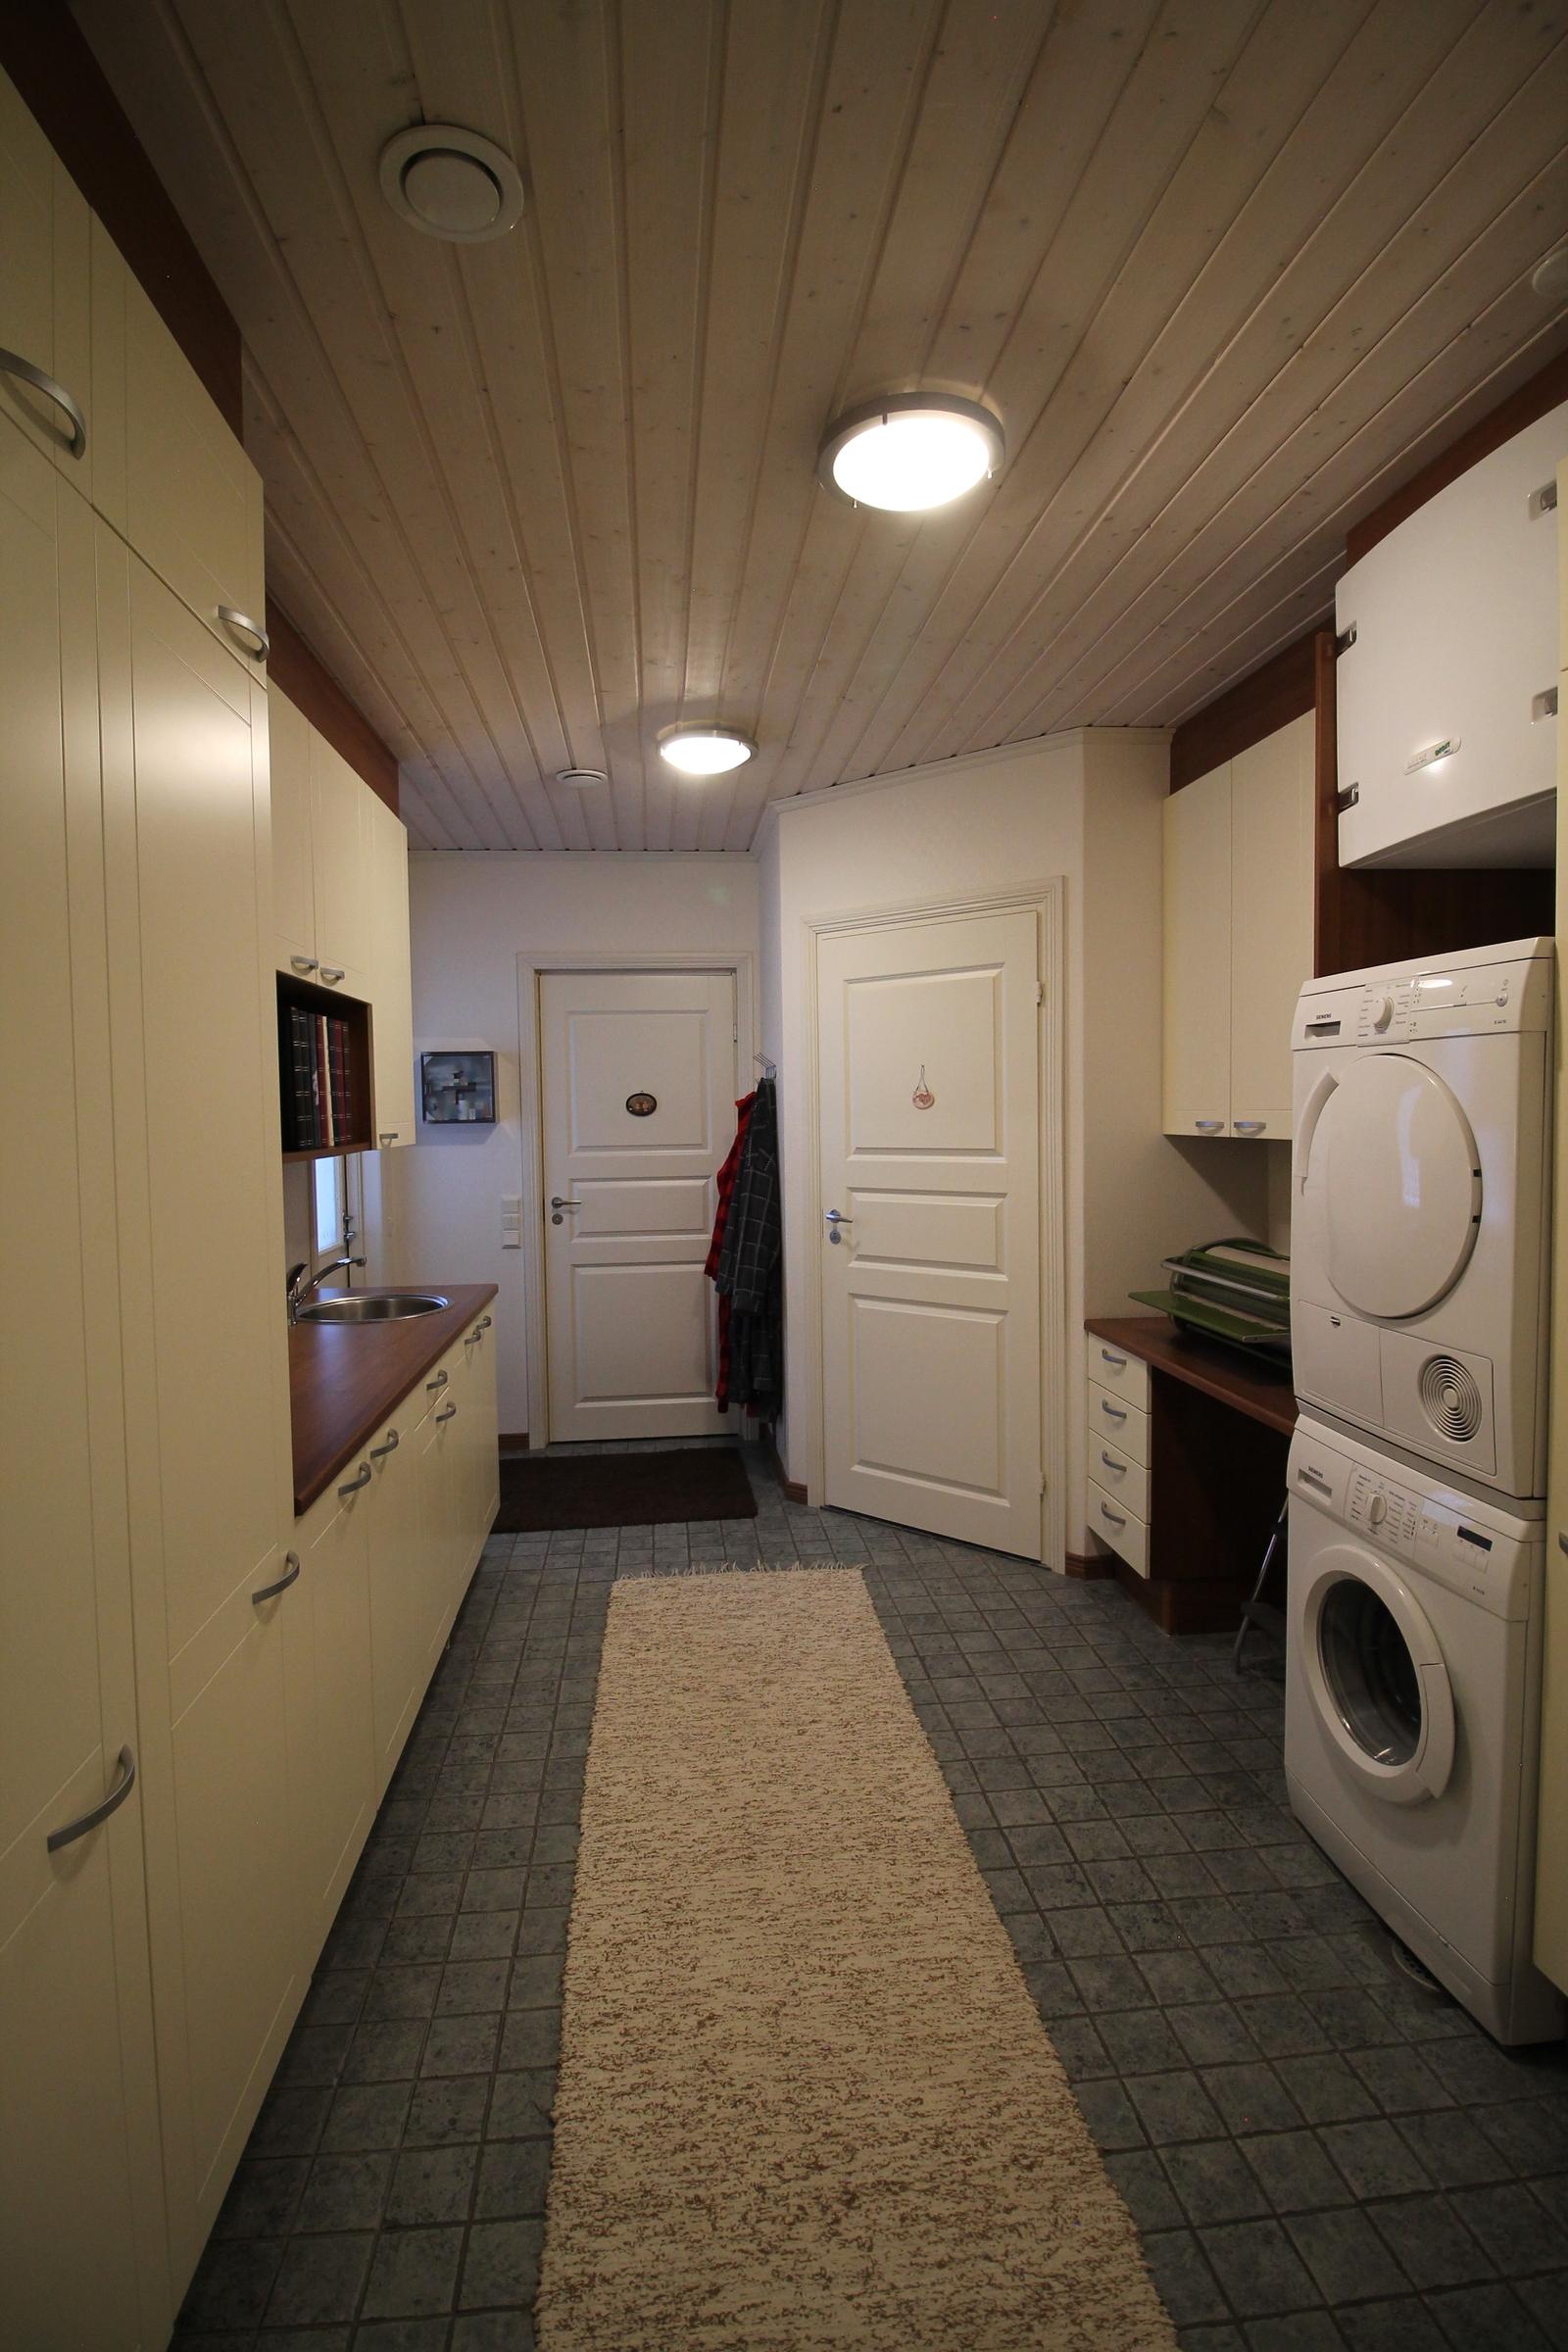 Kodinhoitohuone toisesta suunnasta. Päässä olevan oven takana on kylpyhuone. Pääsy myös ulos.